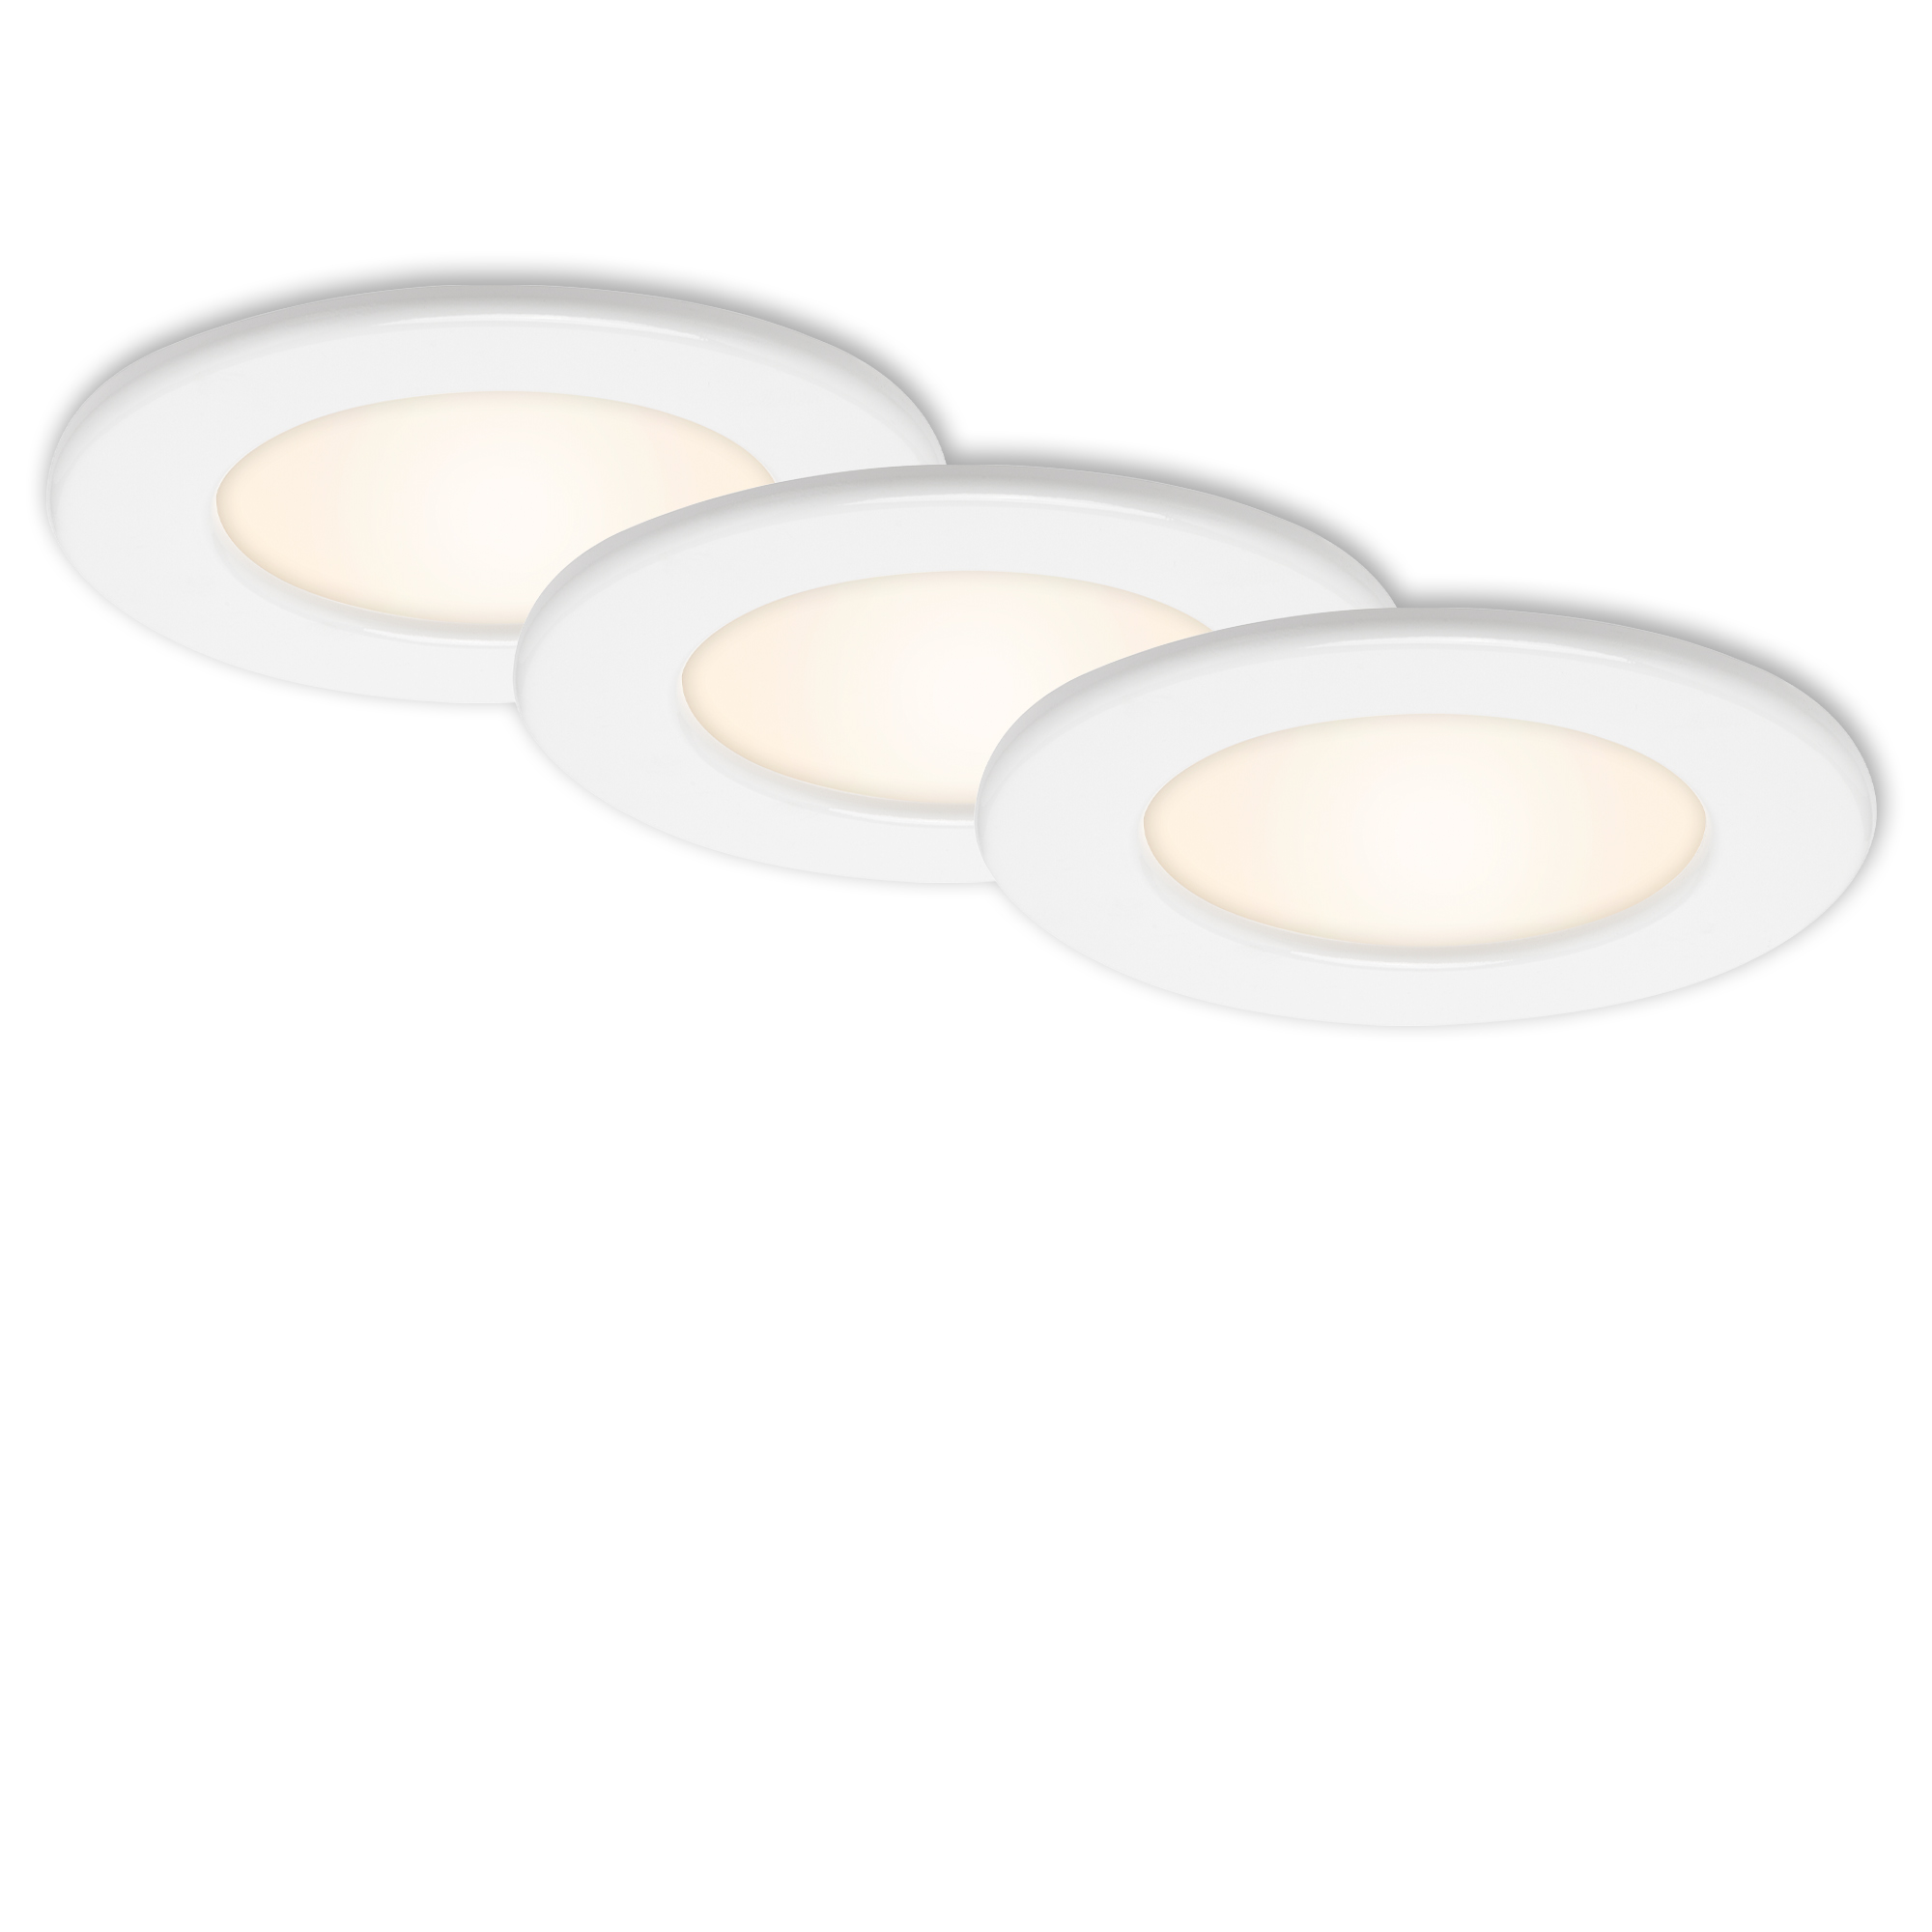 3er Set LED Einbauleuchte, Ø 11,5 cm, 6 W, Weiß